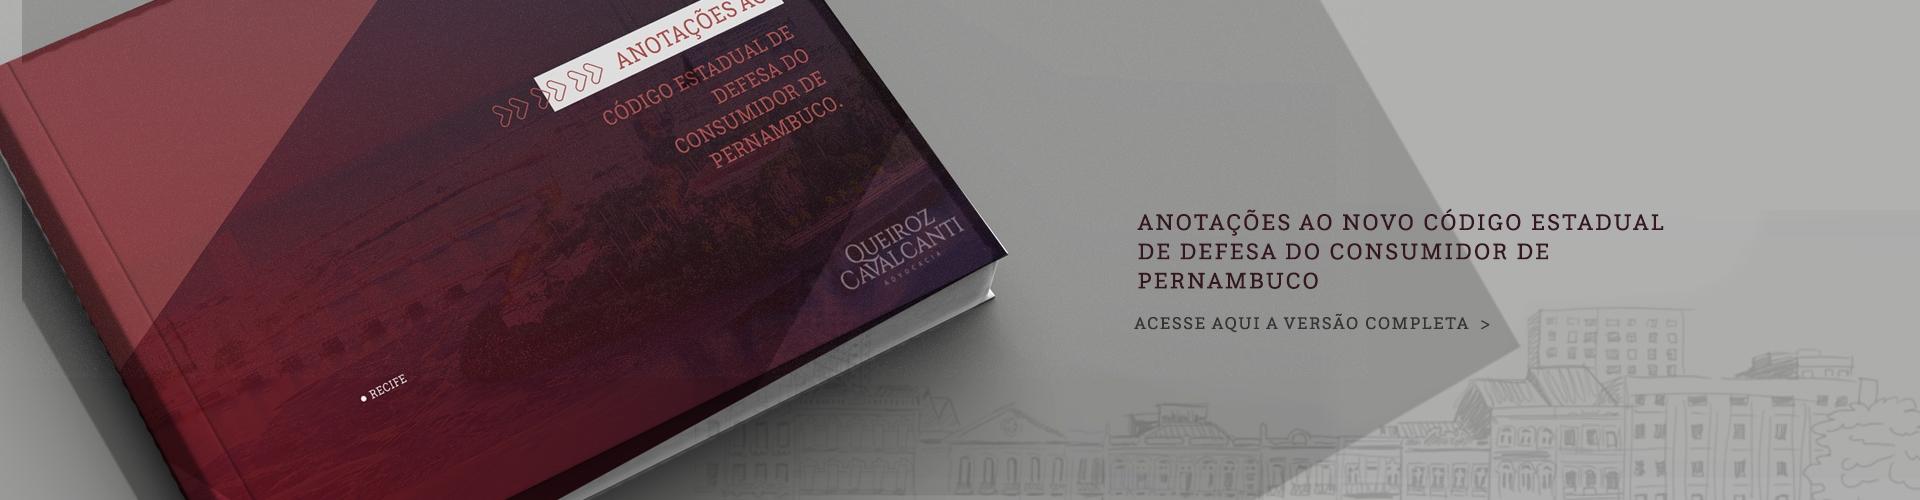 Anotações ao Código Estadual de Defesa do Consumidor de Pernambuco